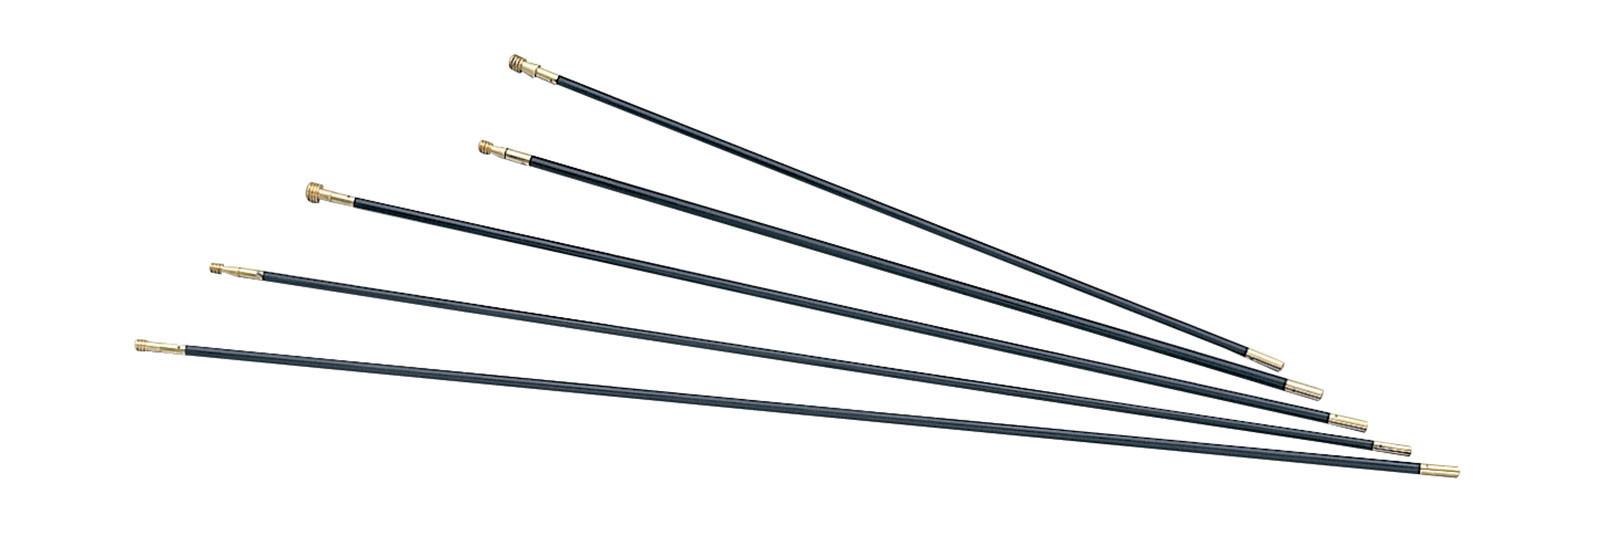 Muzzleloading Fiberglass ramrods 9x830 mm